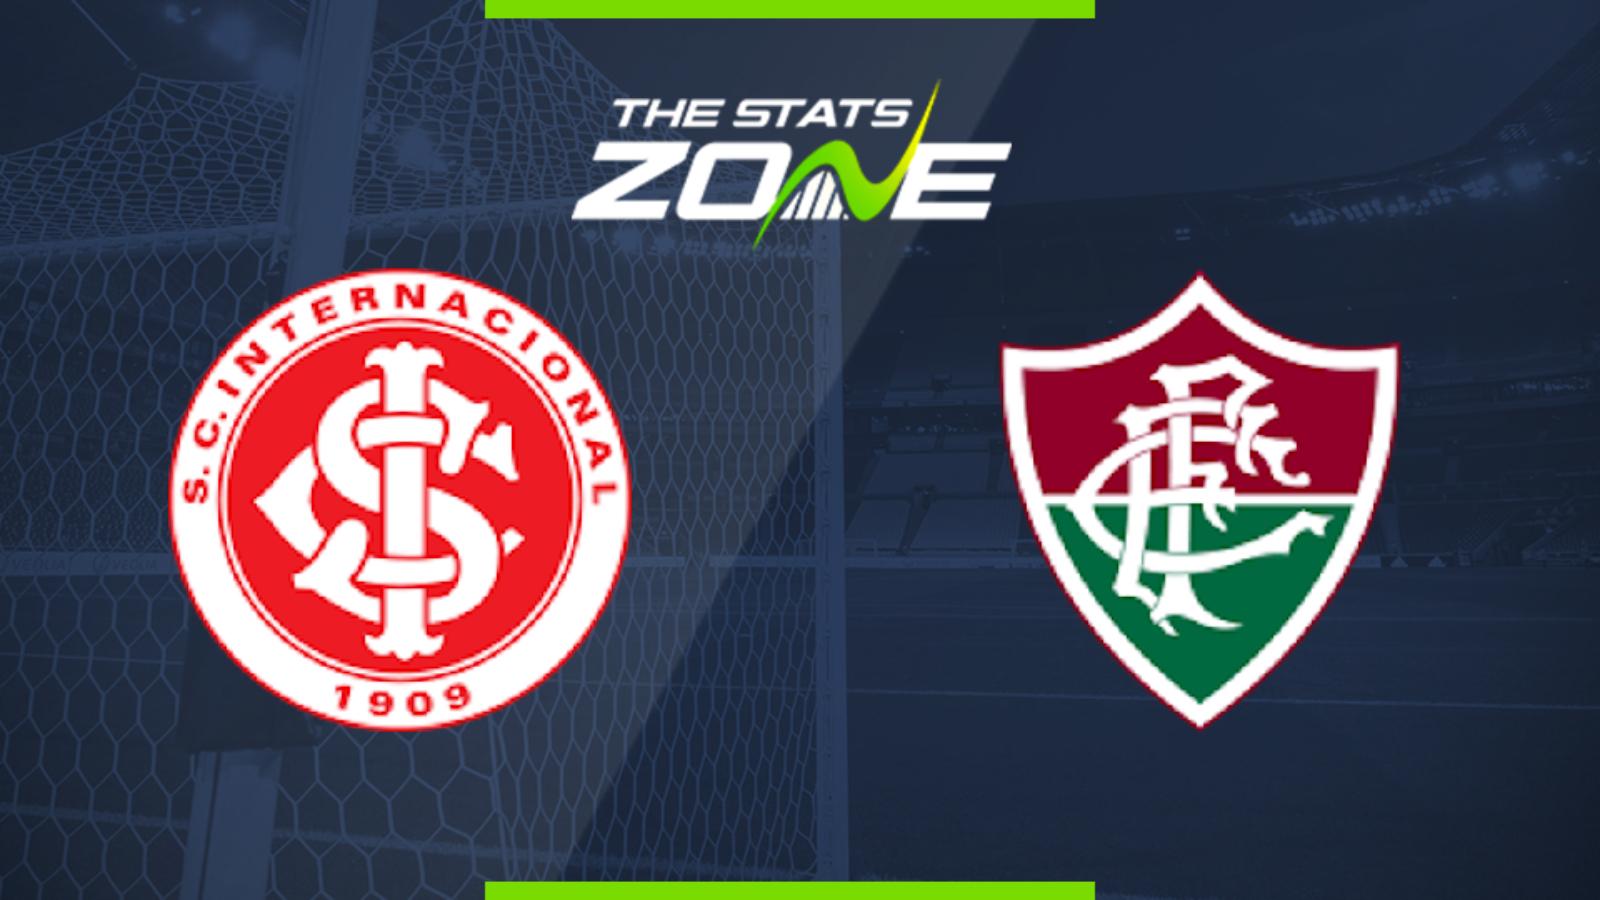 2019 Brazilian Serie A Internacional Vs Fluminense Preview Prediction The Stats Zone